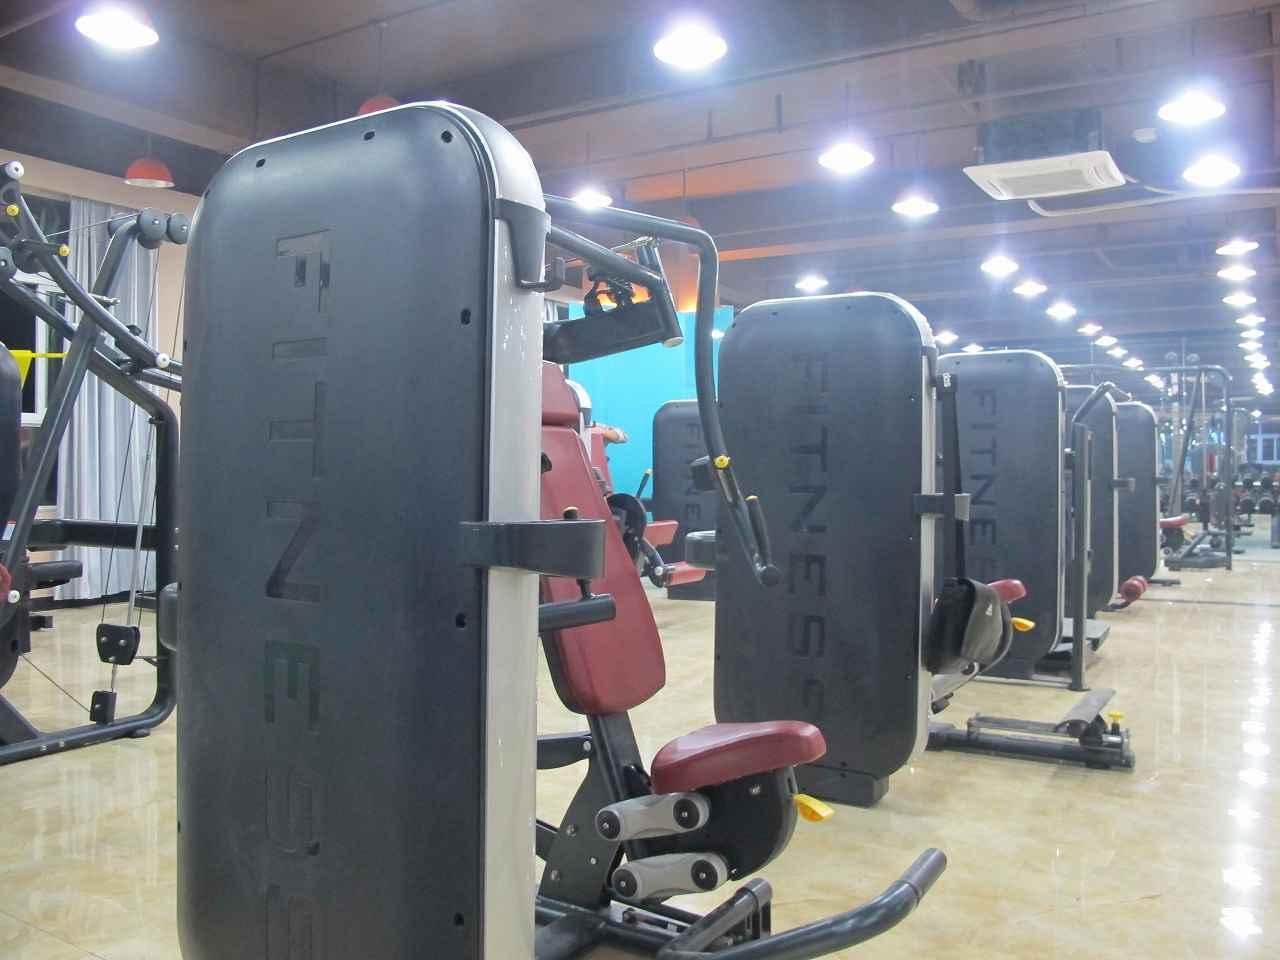 加盟问答:投资开智能健身房挣钱吗?